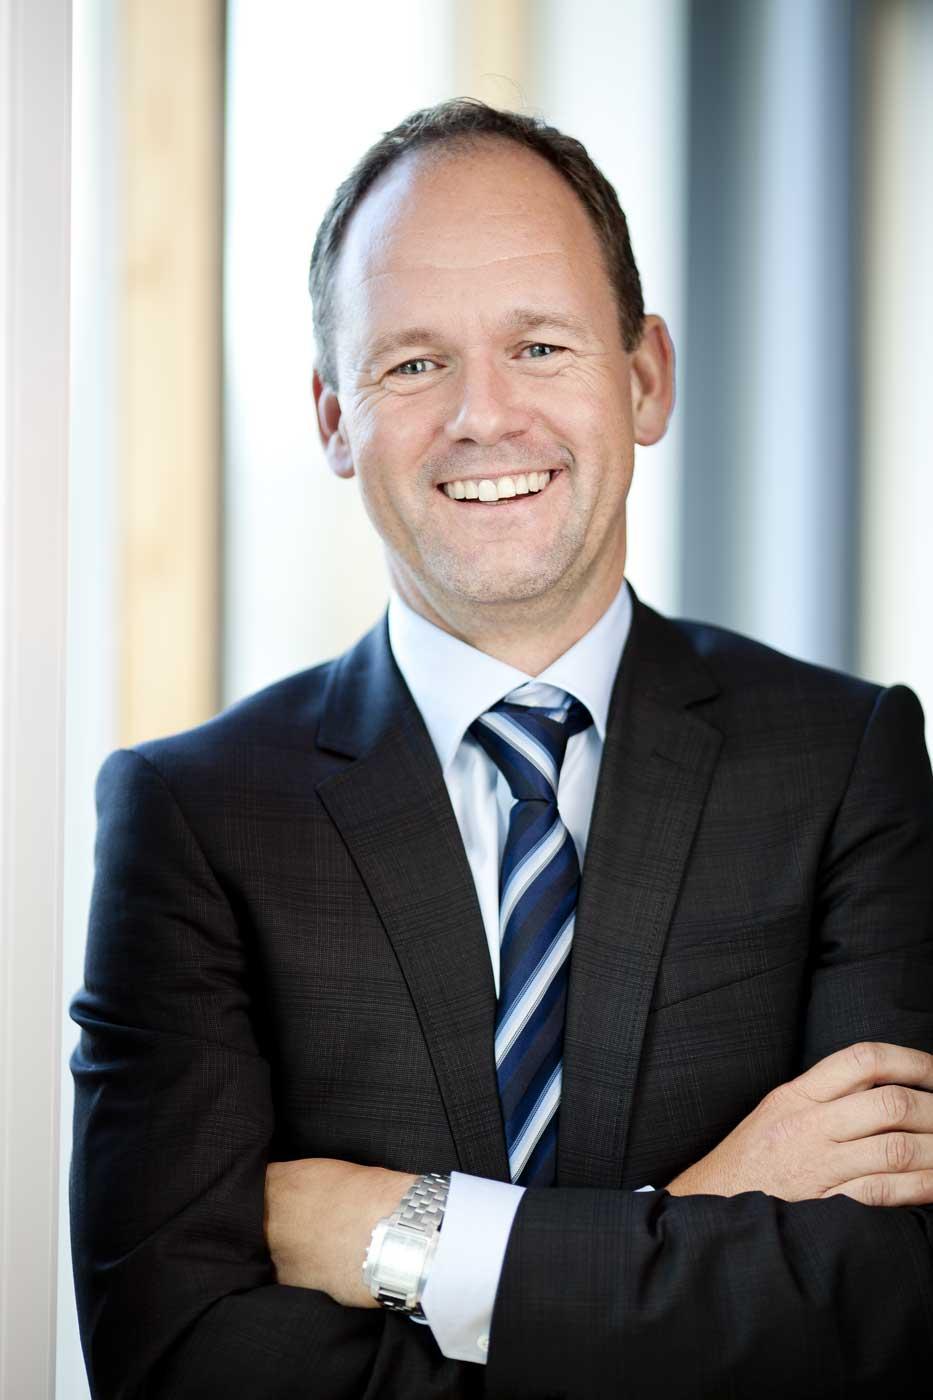 Carl Magnus Månsson, vd och koncernchef, Acando. Carl-Magnus har varit VD och Koncernchef på Acando sedan 2009. I Sverige finns kontor i Stockholm, Göteborg, Malmö, Västerås och Falun. Acando är totalt 1700 konsulter i fem länder, Sverige, Norge, Finland,Tyskland och Lettland.